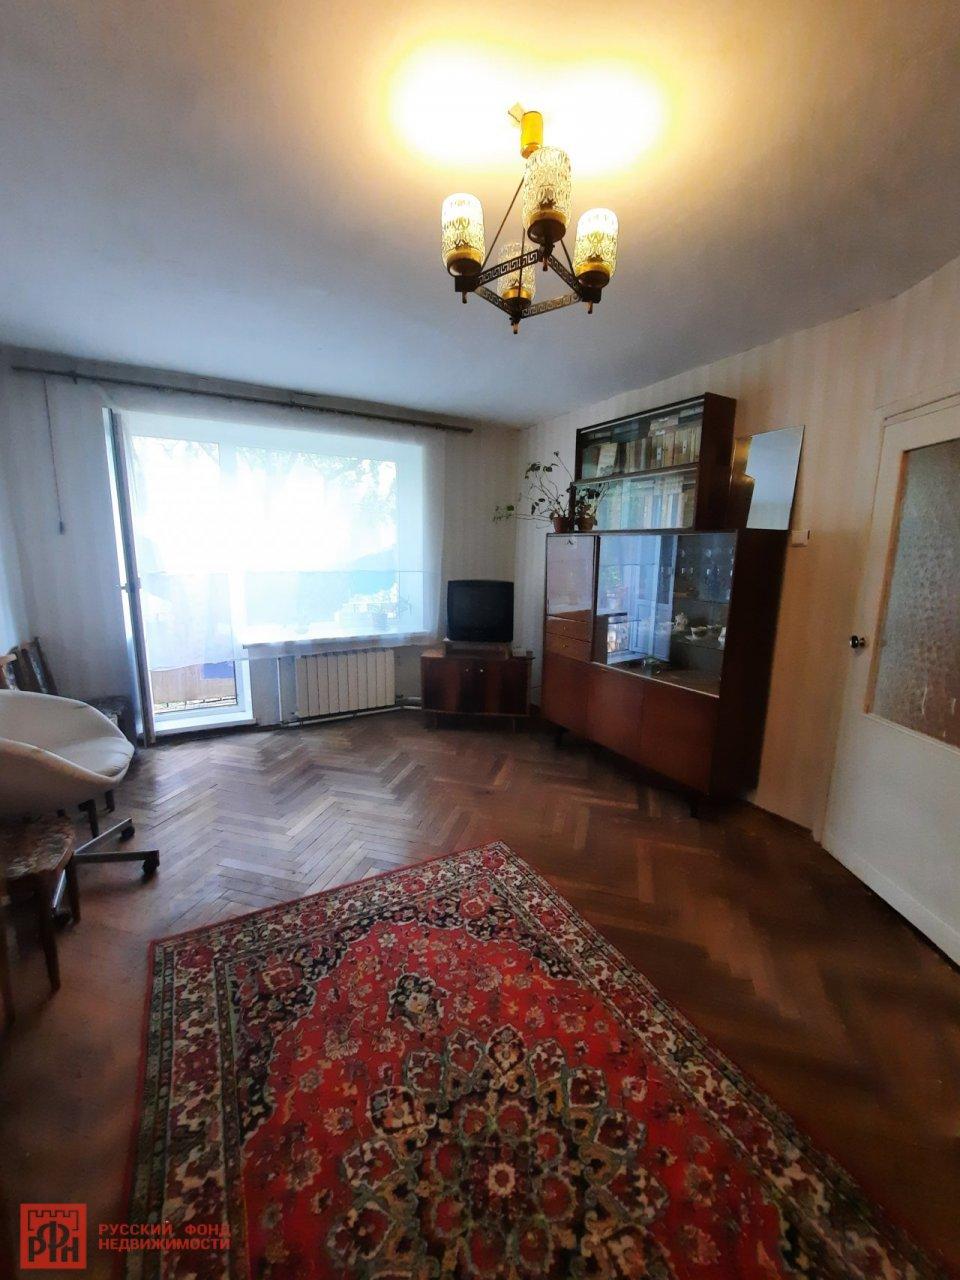 Светлановский просп., д 59, корпус 2